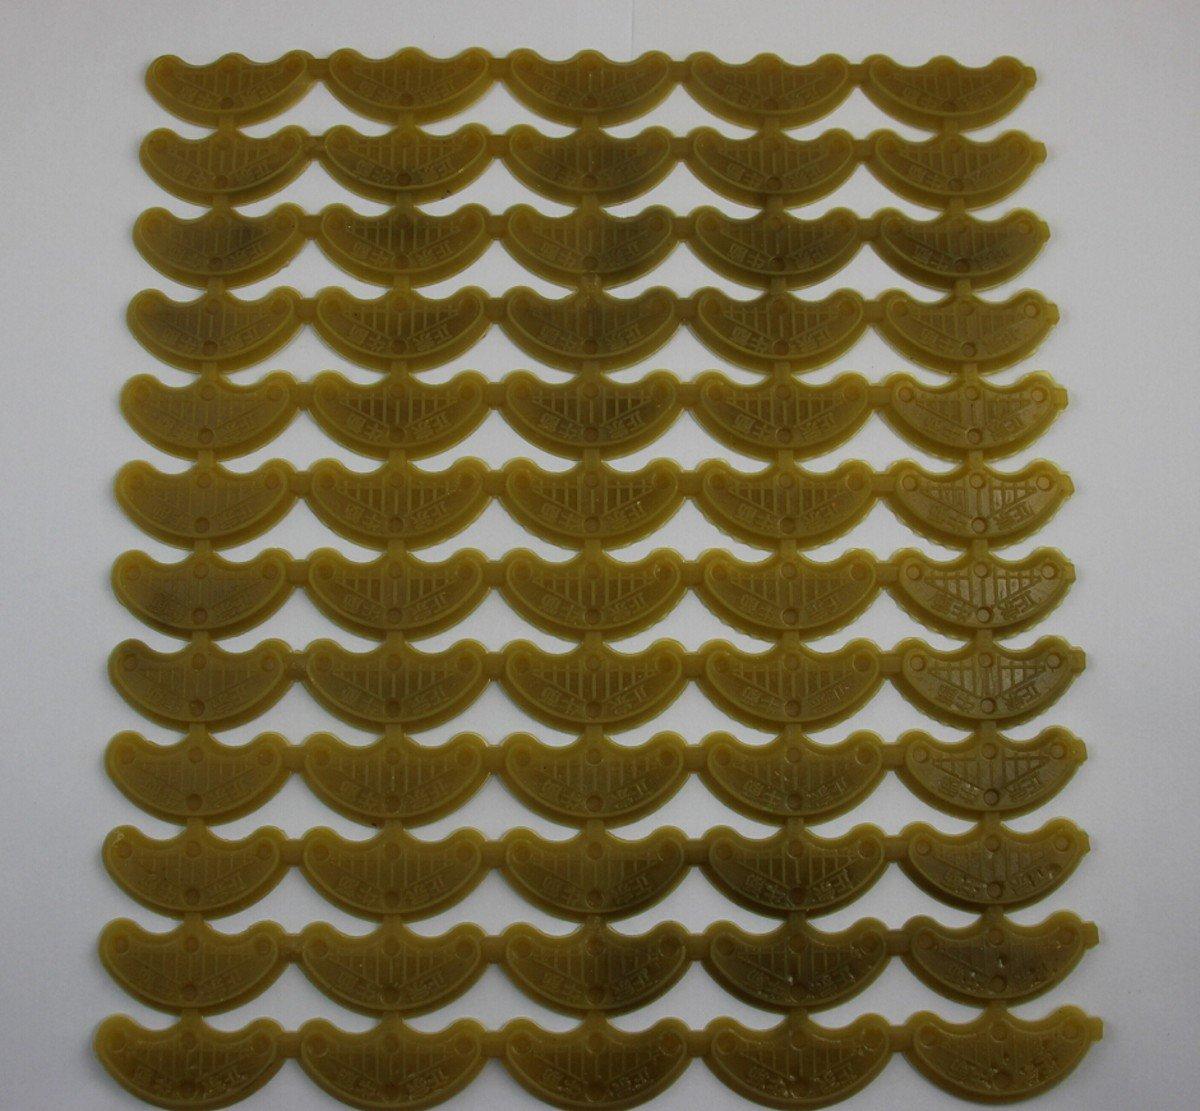 日本人気超絶の welliestr 60 ( 30ペア)イエローShoe Repairナイロンヒールセーバー、つま先プレートタップ、靴ヒールプレートタップ、W /爪40 * 20 mm   B00V7V2KRM, ブランドリサイクルストアスマイル fa672220